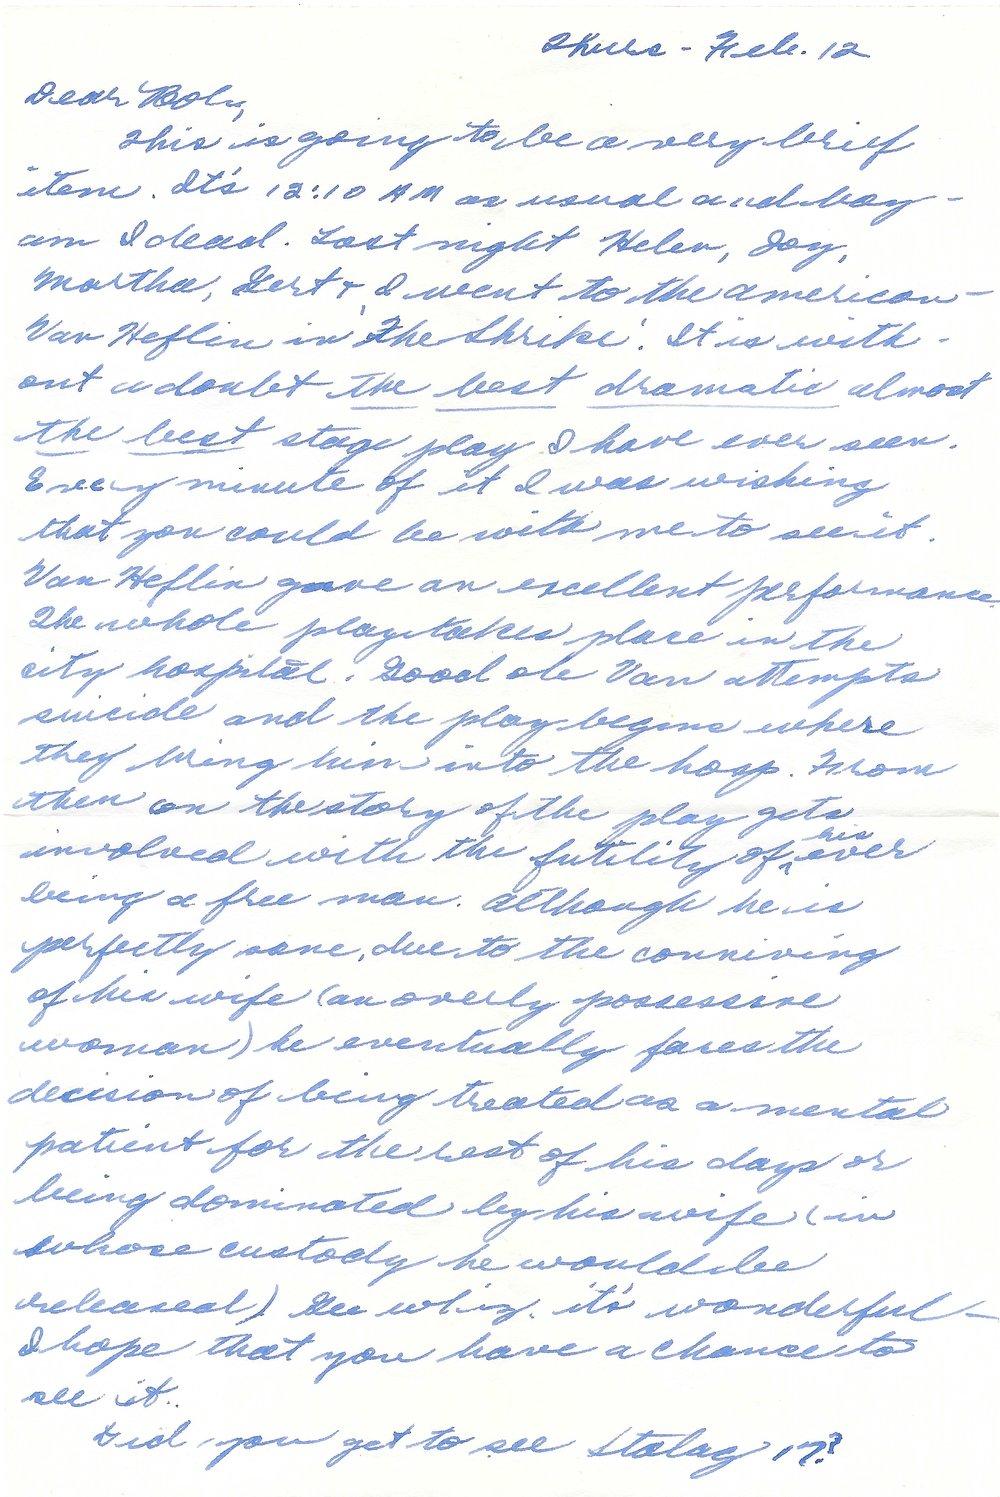 11. Feb. 12, 1953 (Oma)_Page_2 (Real).jpeg